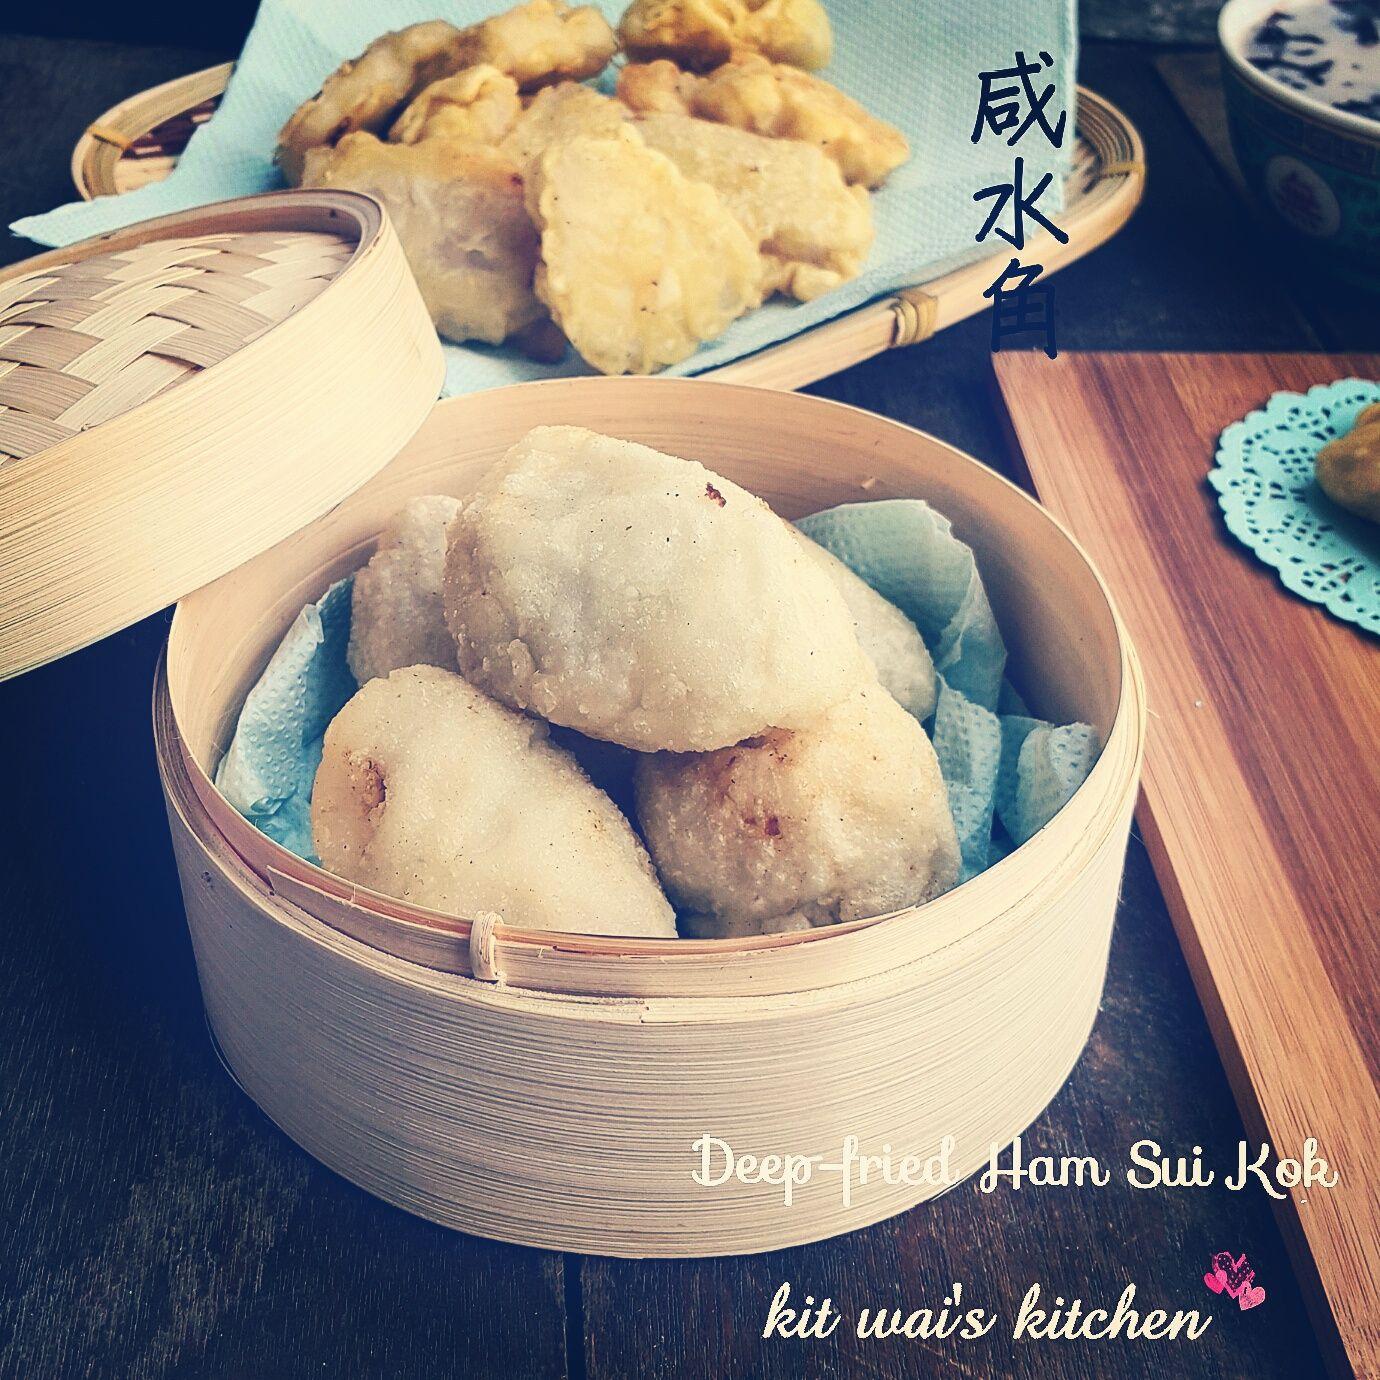 Kit Waiu0027s Kitchen : 咸水角 ~ Deep Fried Ham Sui Kok